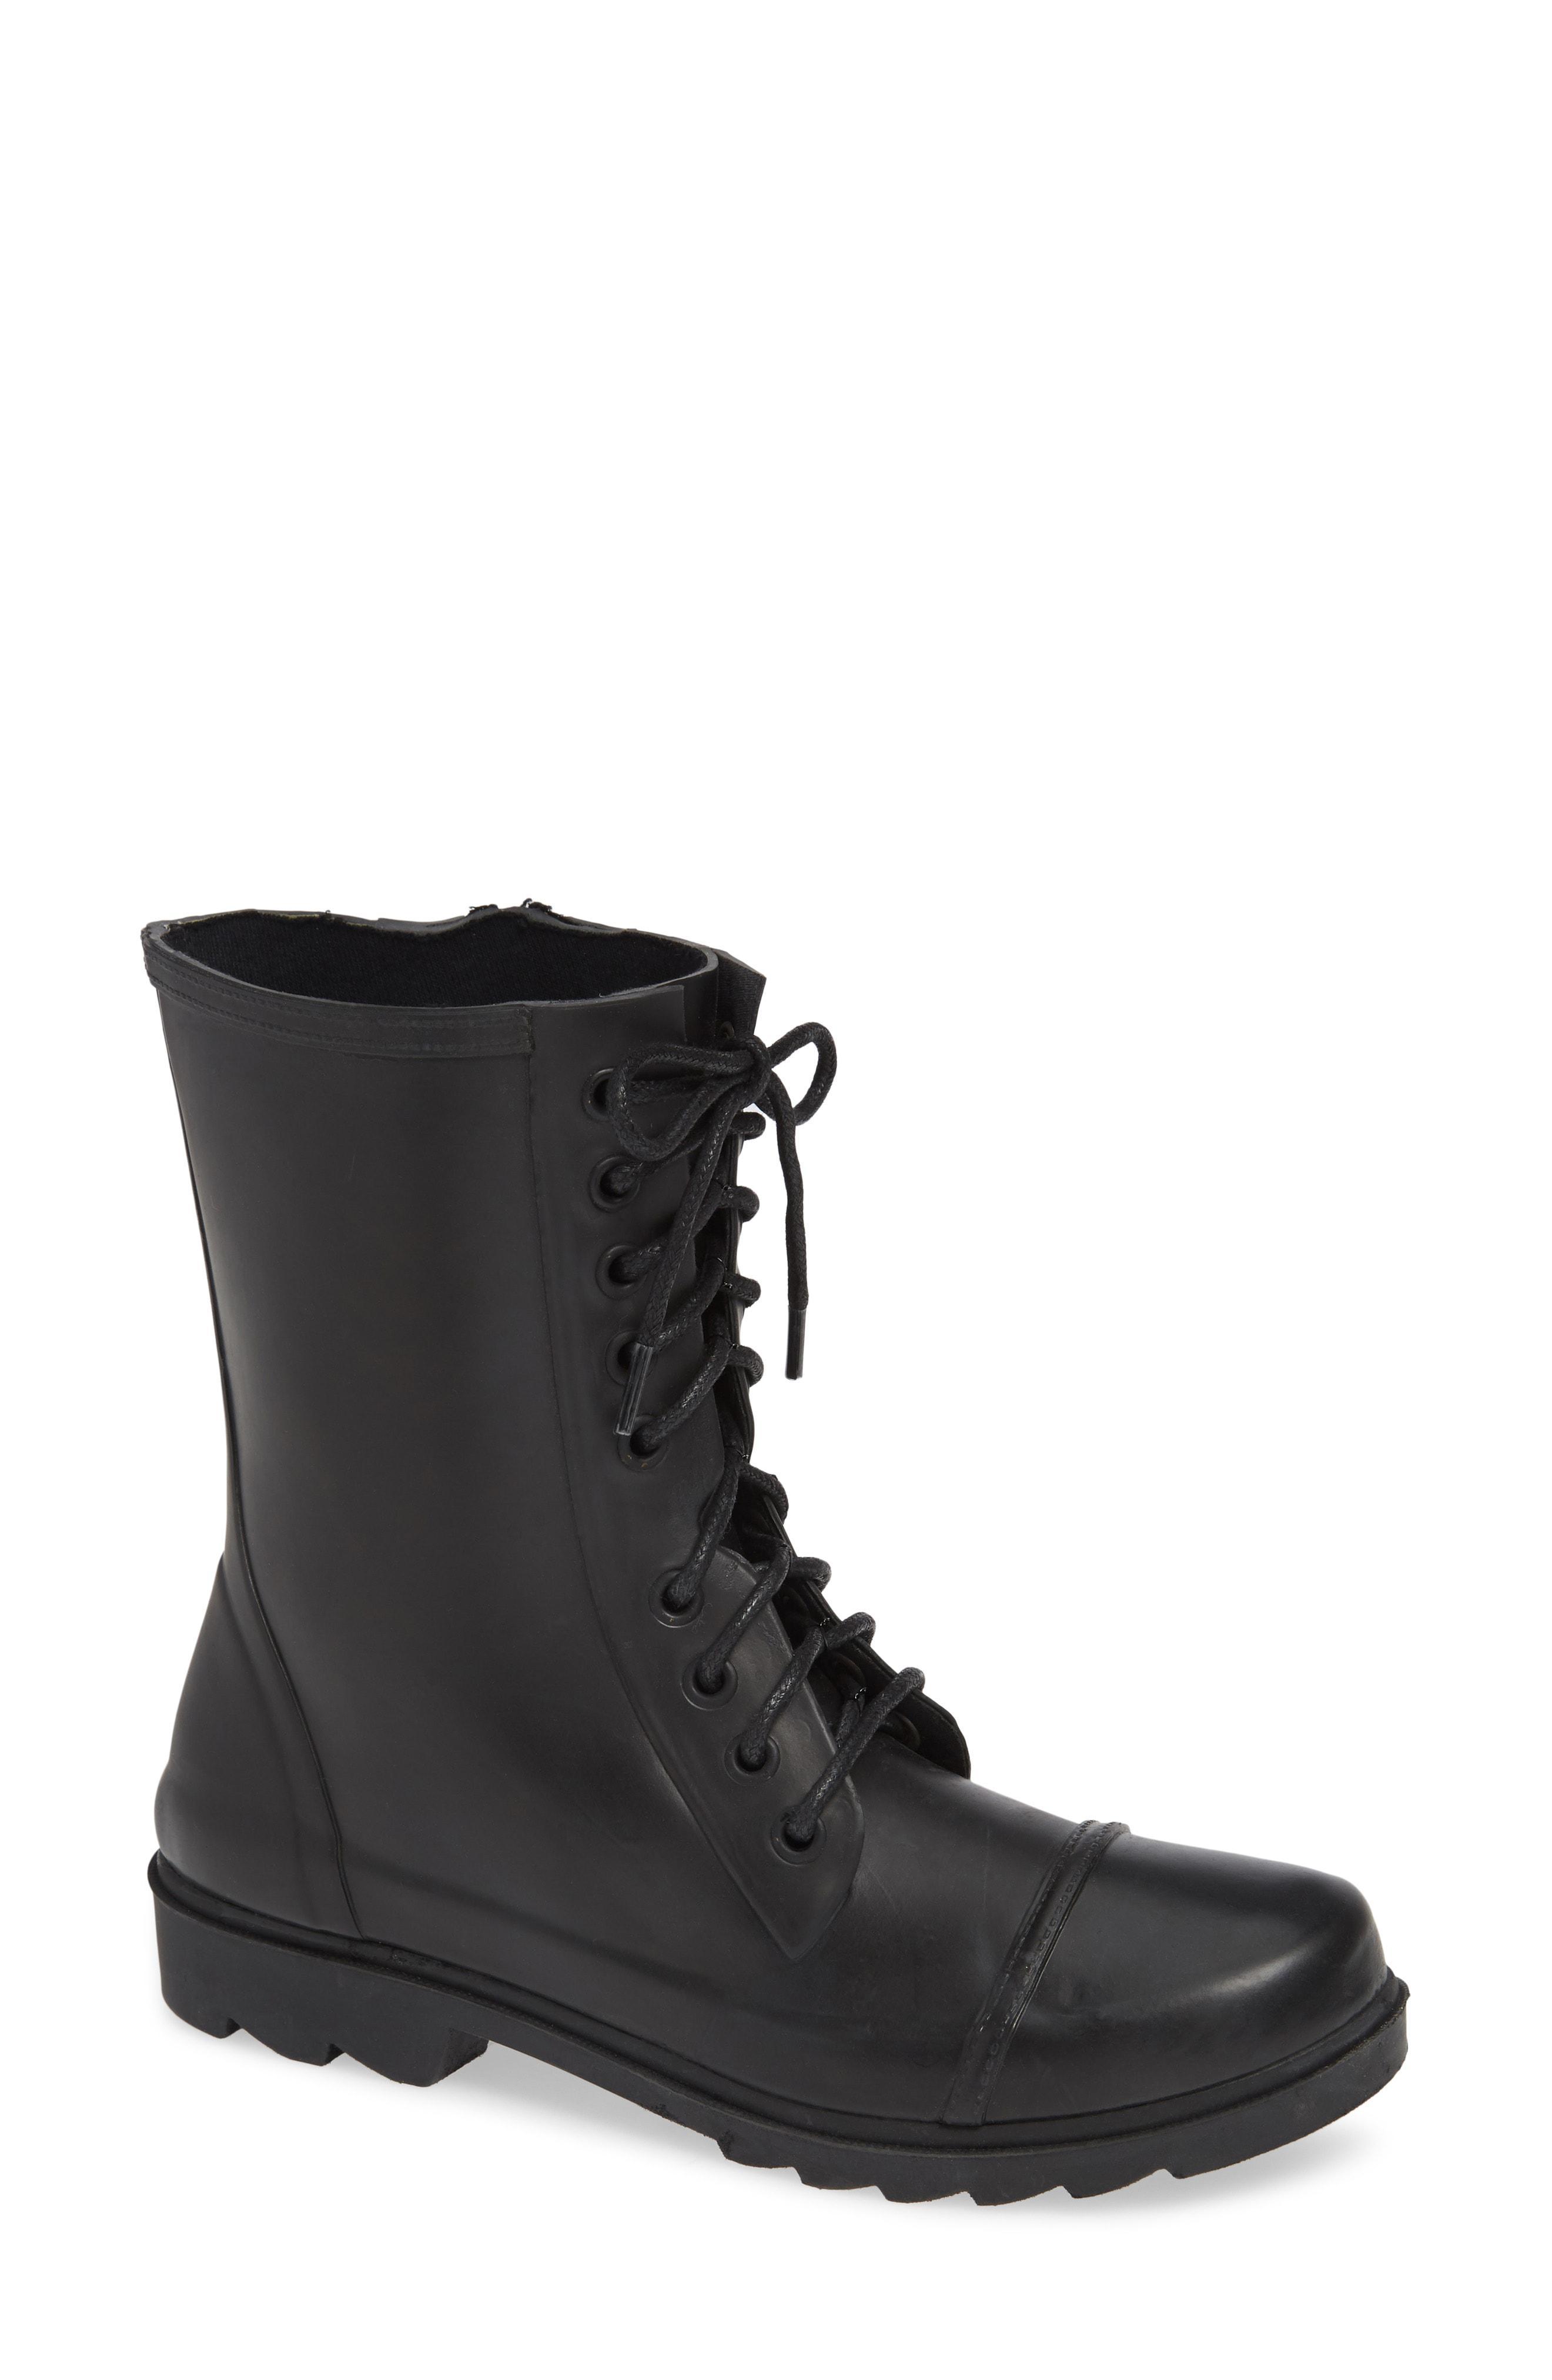 556f6bc0d04 Steve Madden Black Troopa Waterproof Rain Boot